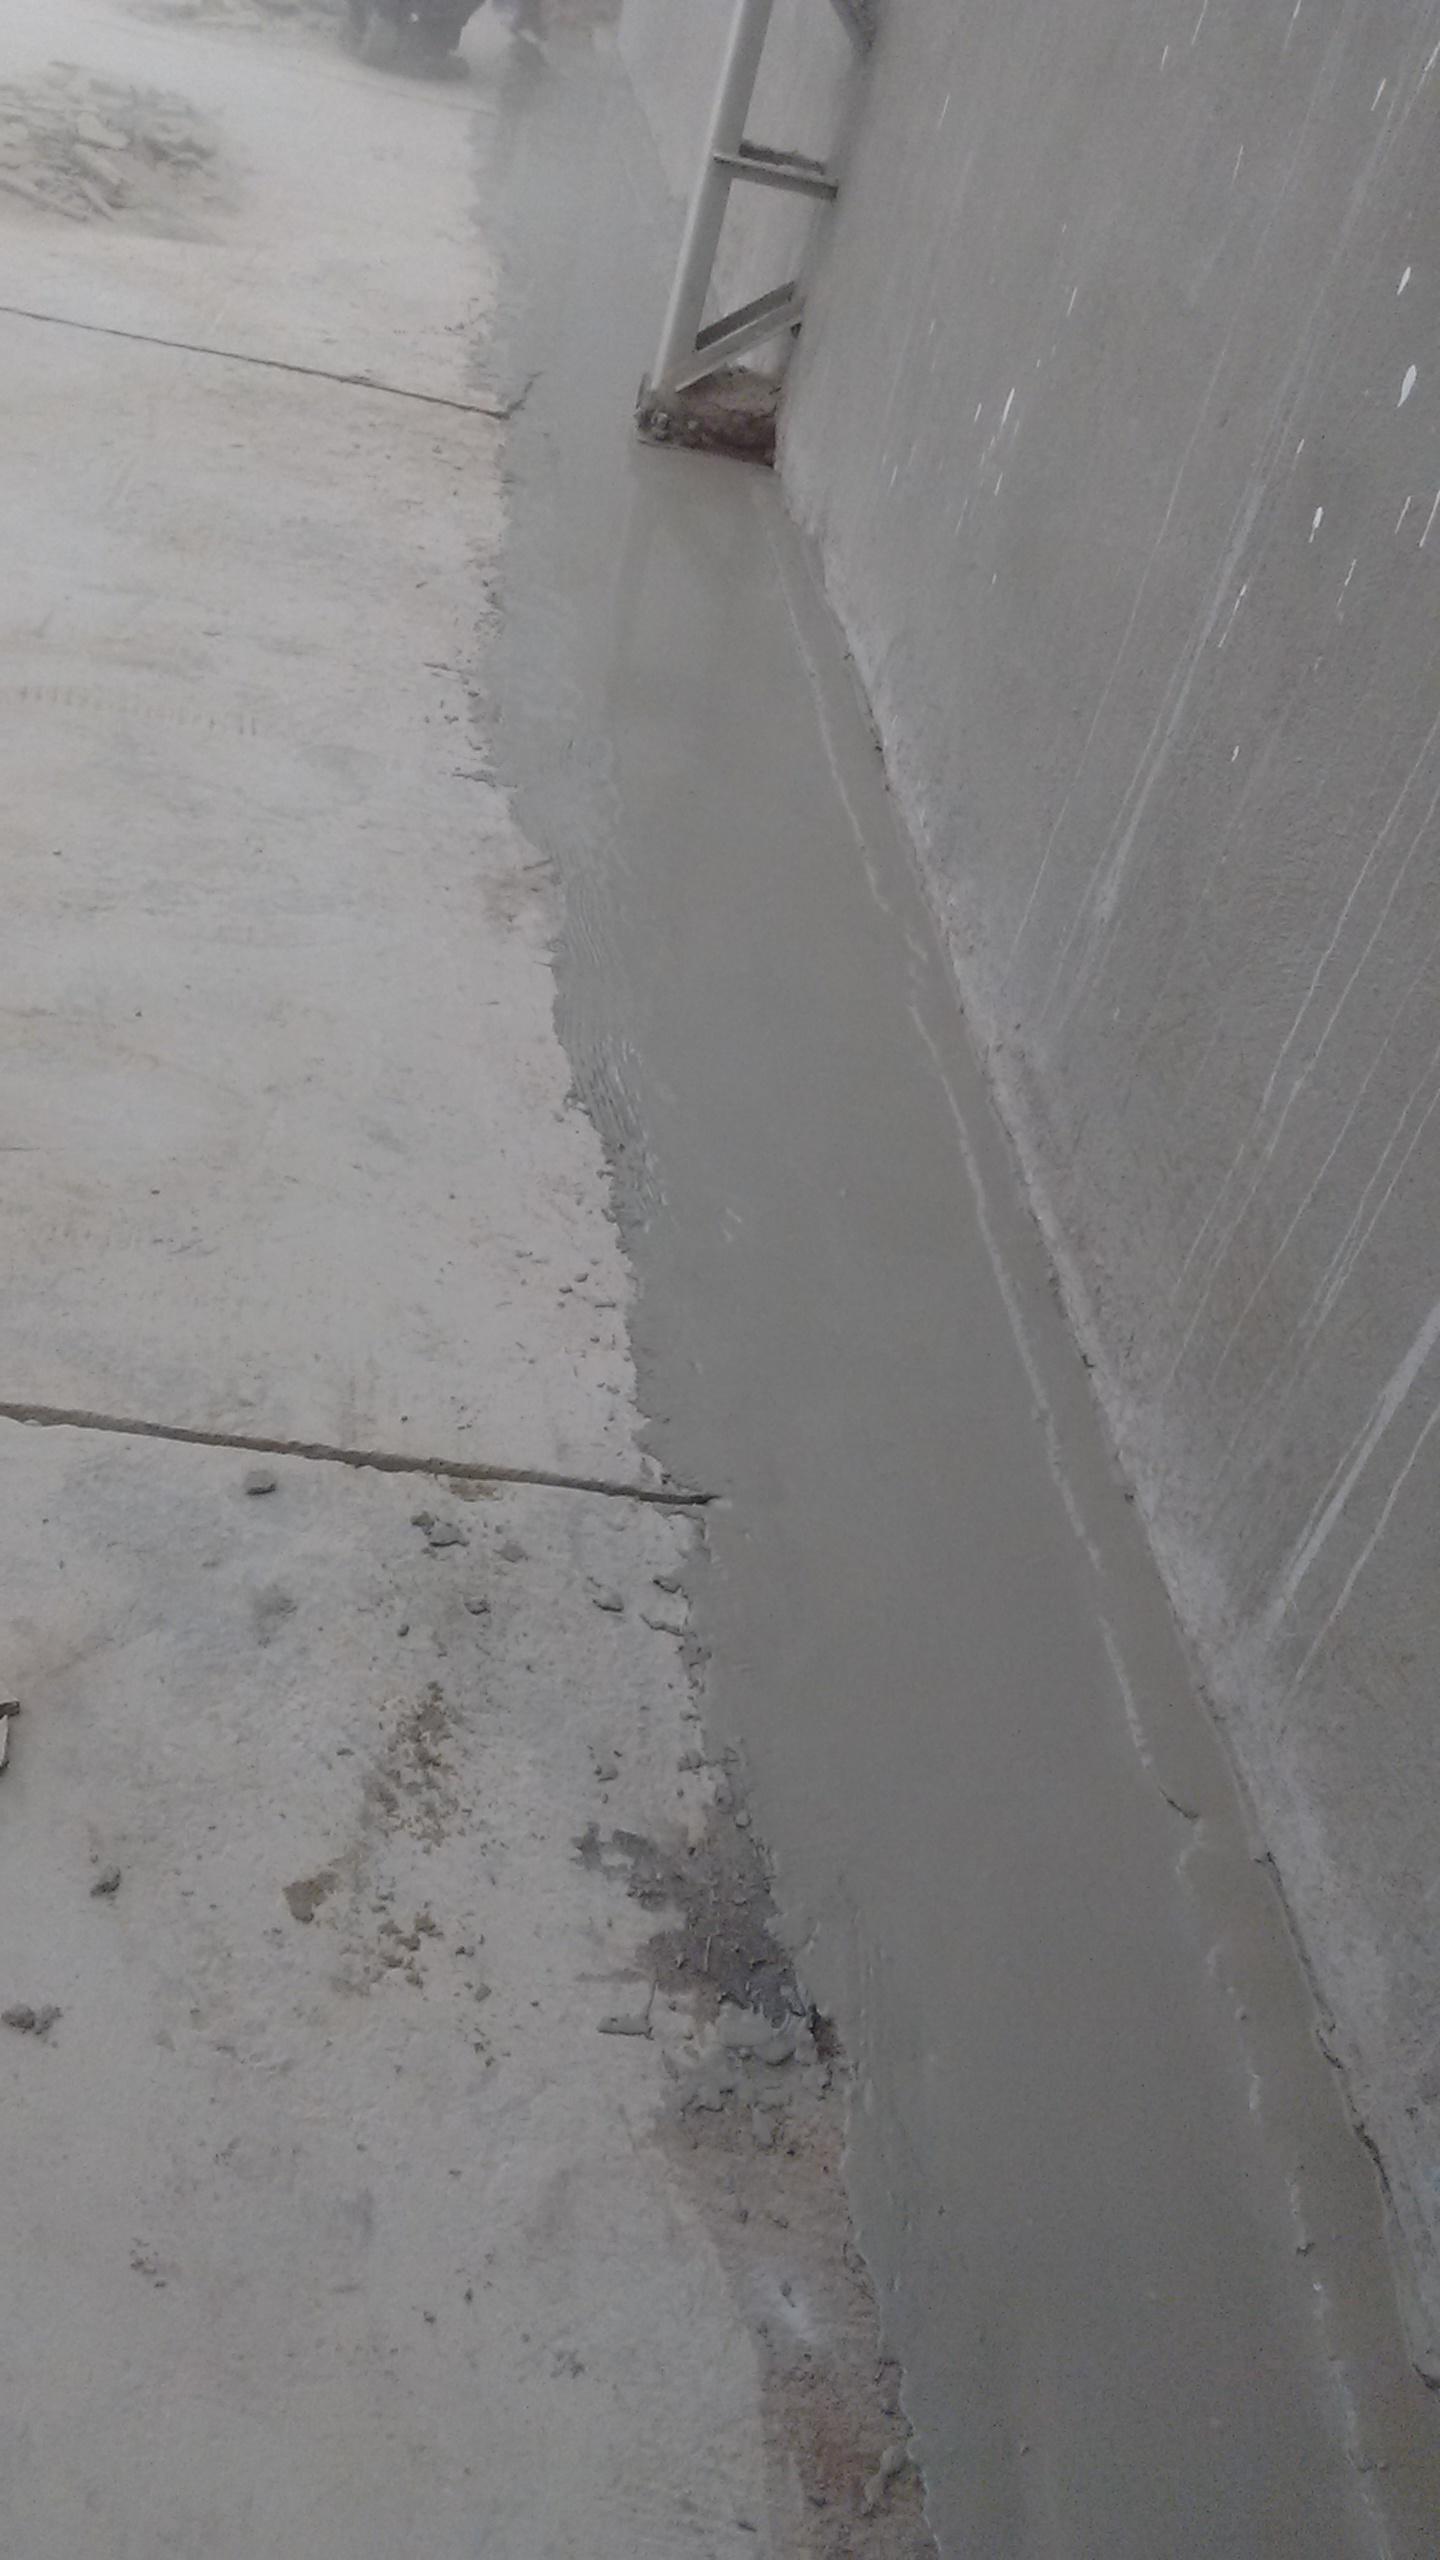 Rev Autonivelante uretano5mm - deposito de agua  - Santuario 07dez16 (15)